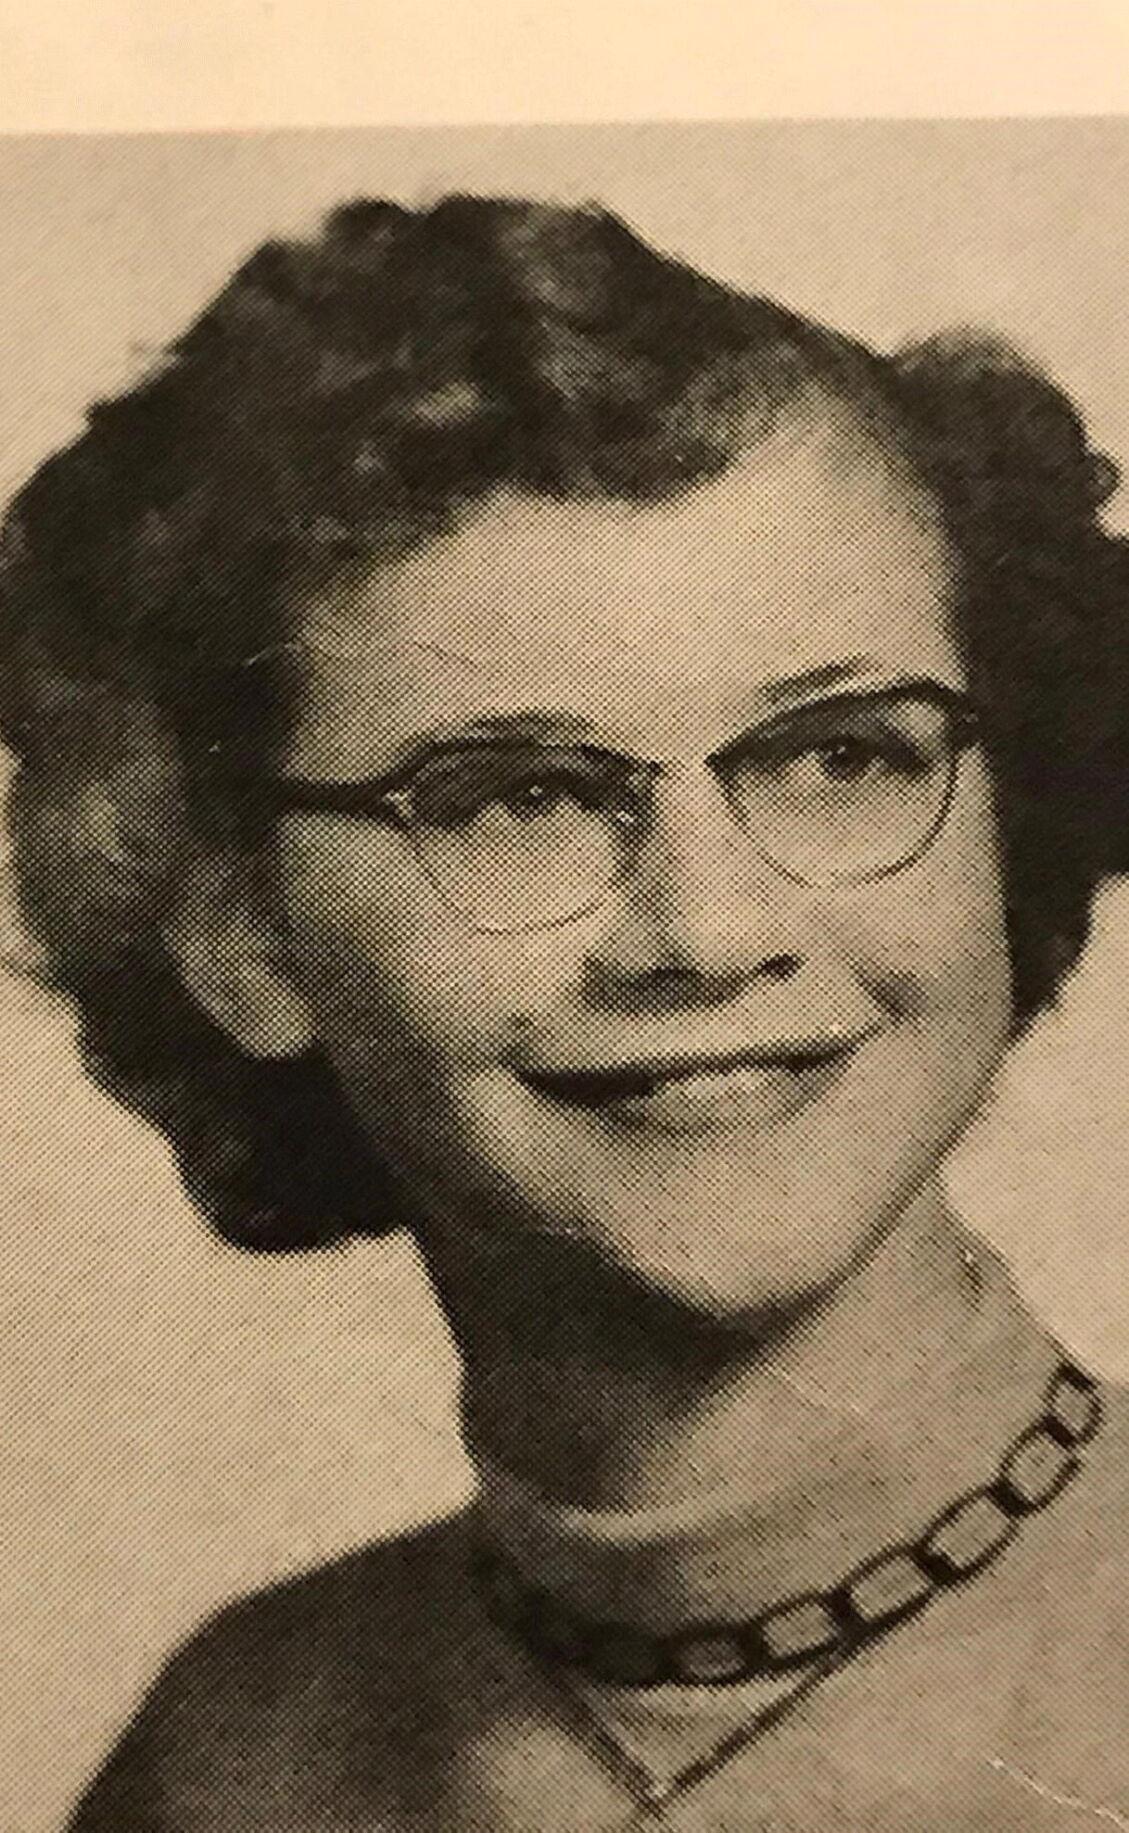 Clara Mae Feuling